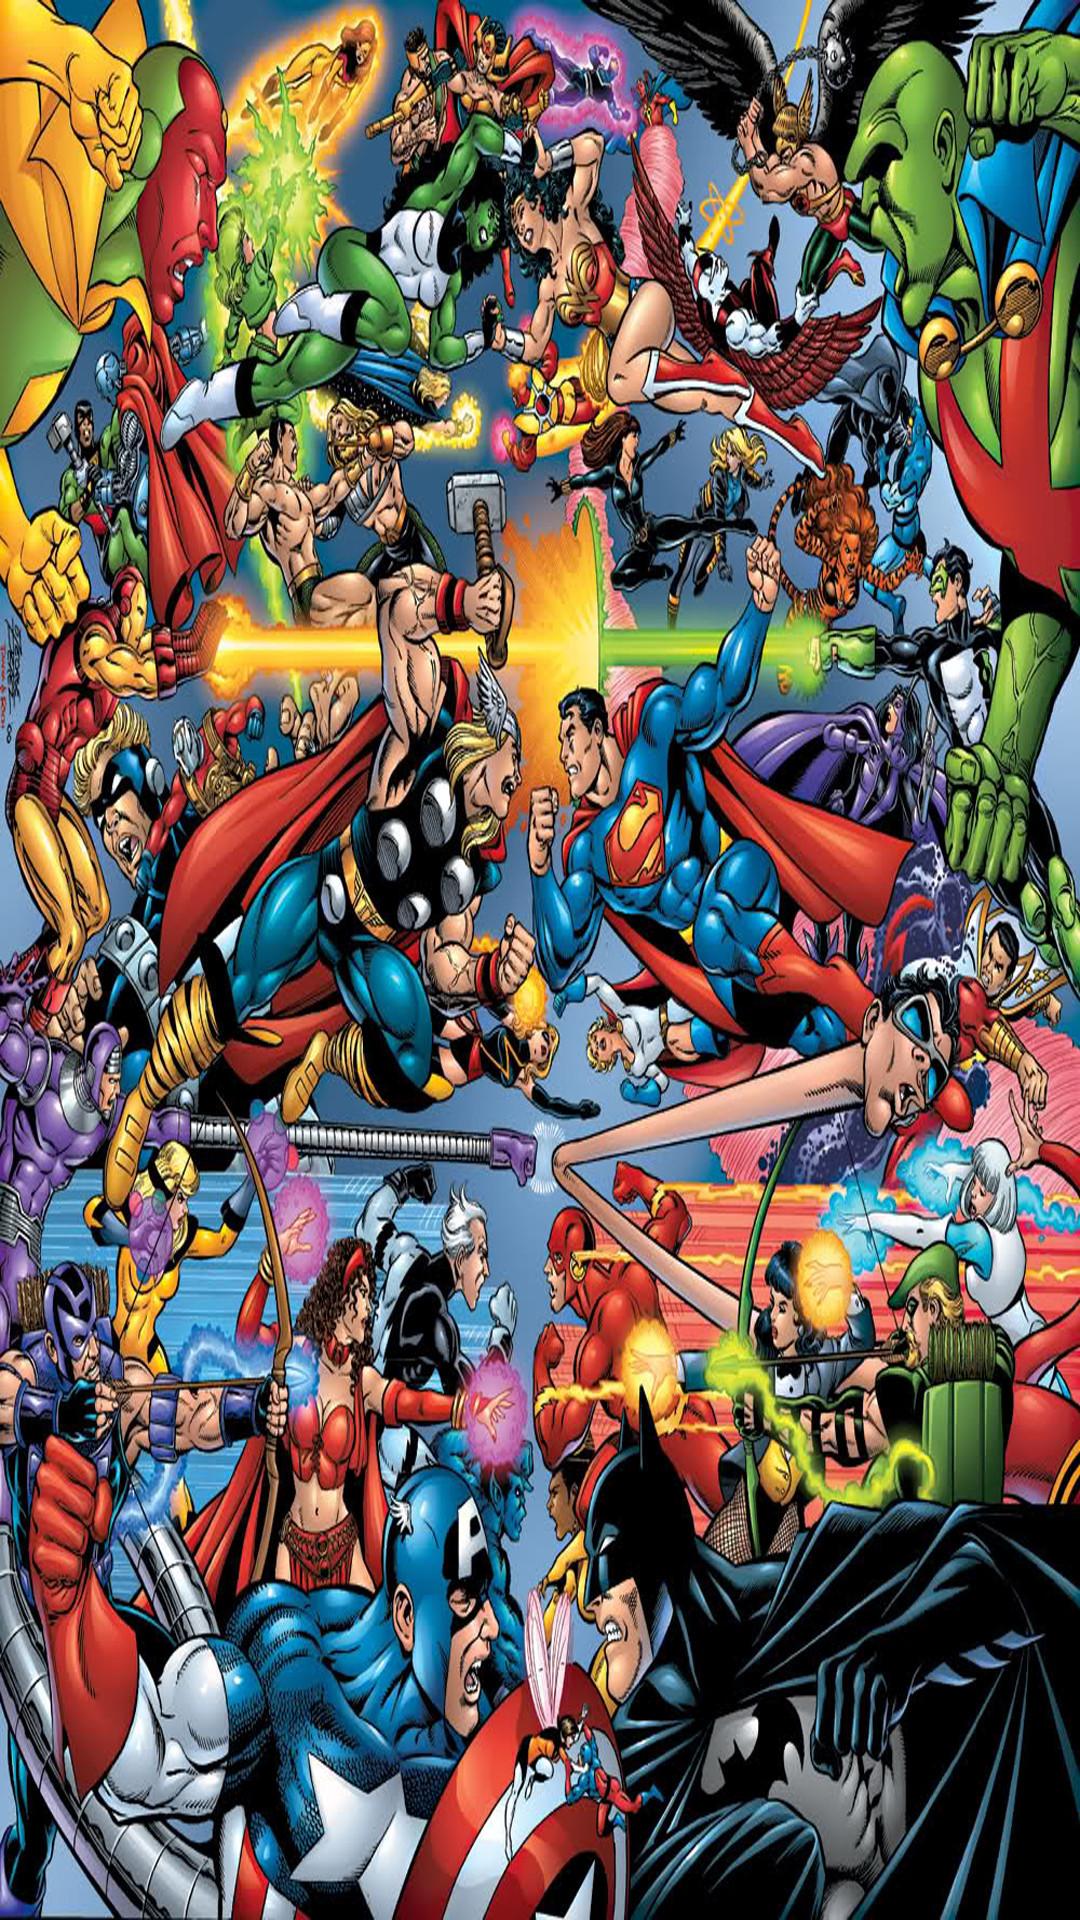 Most Inspiring Wallpaper Marvel Mobile - 477740  Image_469440.jpg